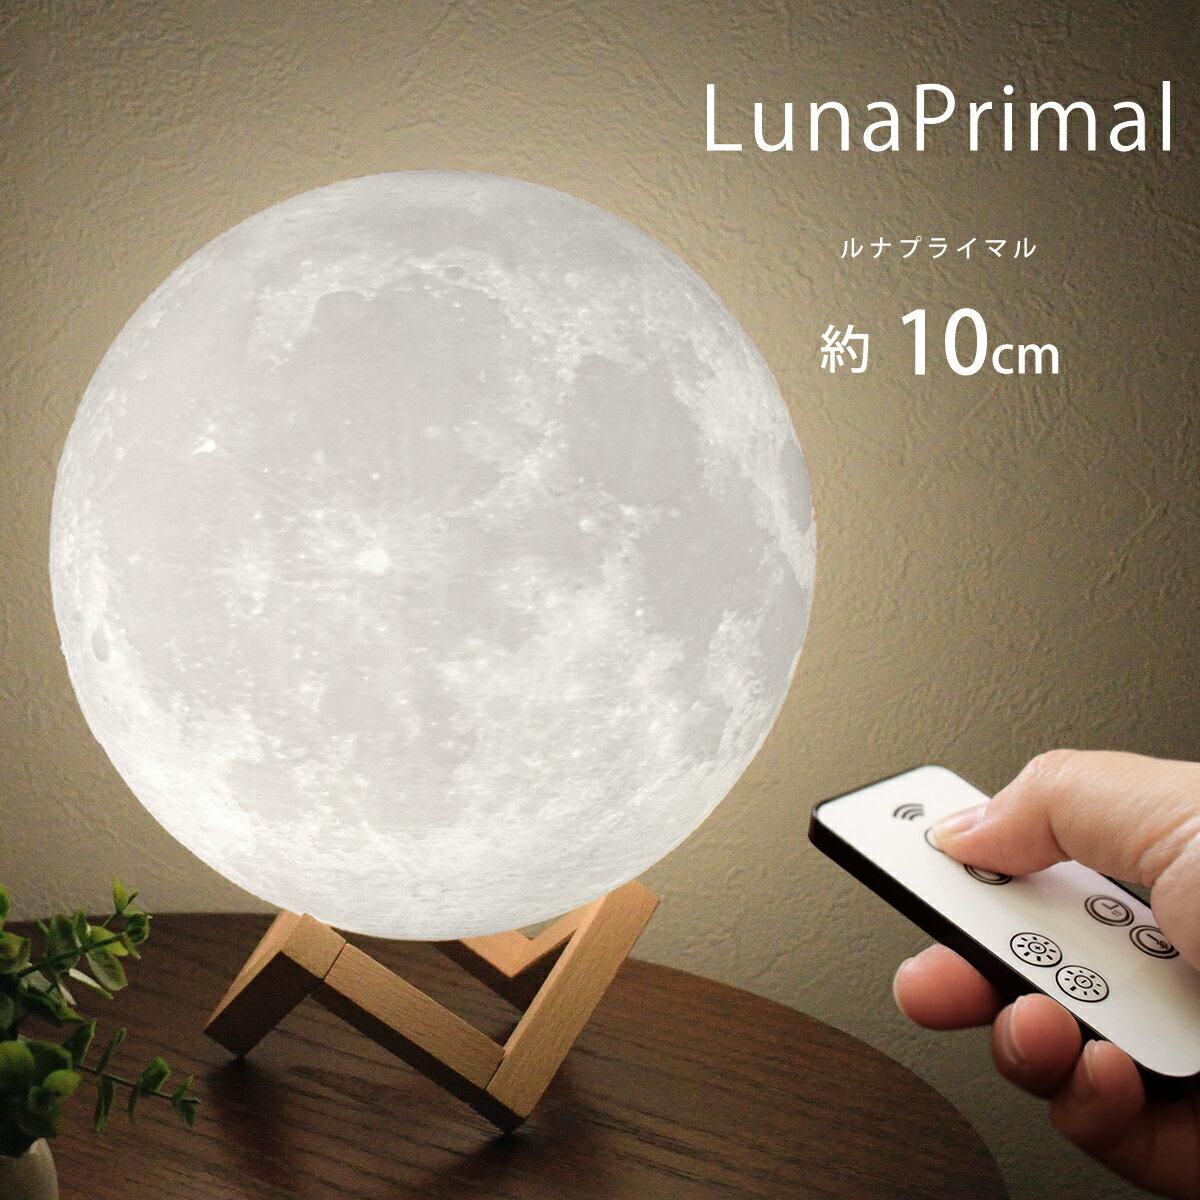 月ライト 10cm 間接照明 テーブルランプ 照明 インテリア おしゃれ 月のランプ 月 寝室 おしゃれ 照明 3Dプリント USB充電式 調色 調光 色切替 ギフト 月 ライト ランプ リビング ナイトライト リモコン付 匠の誠品の写真